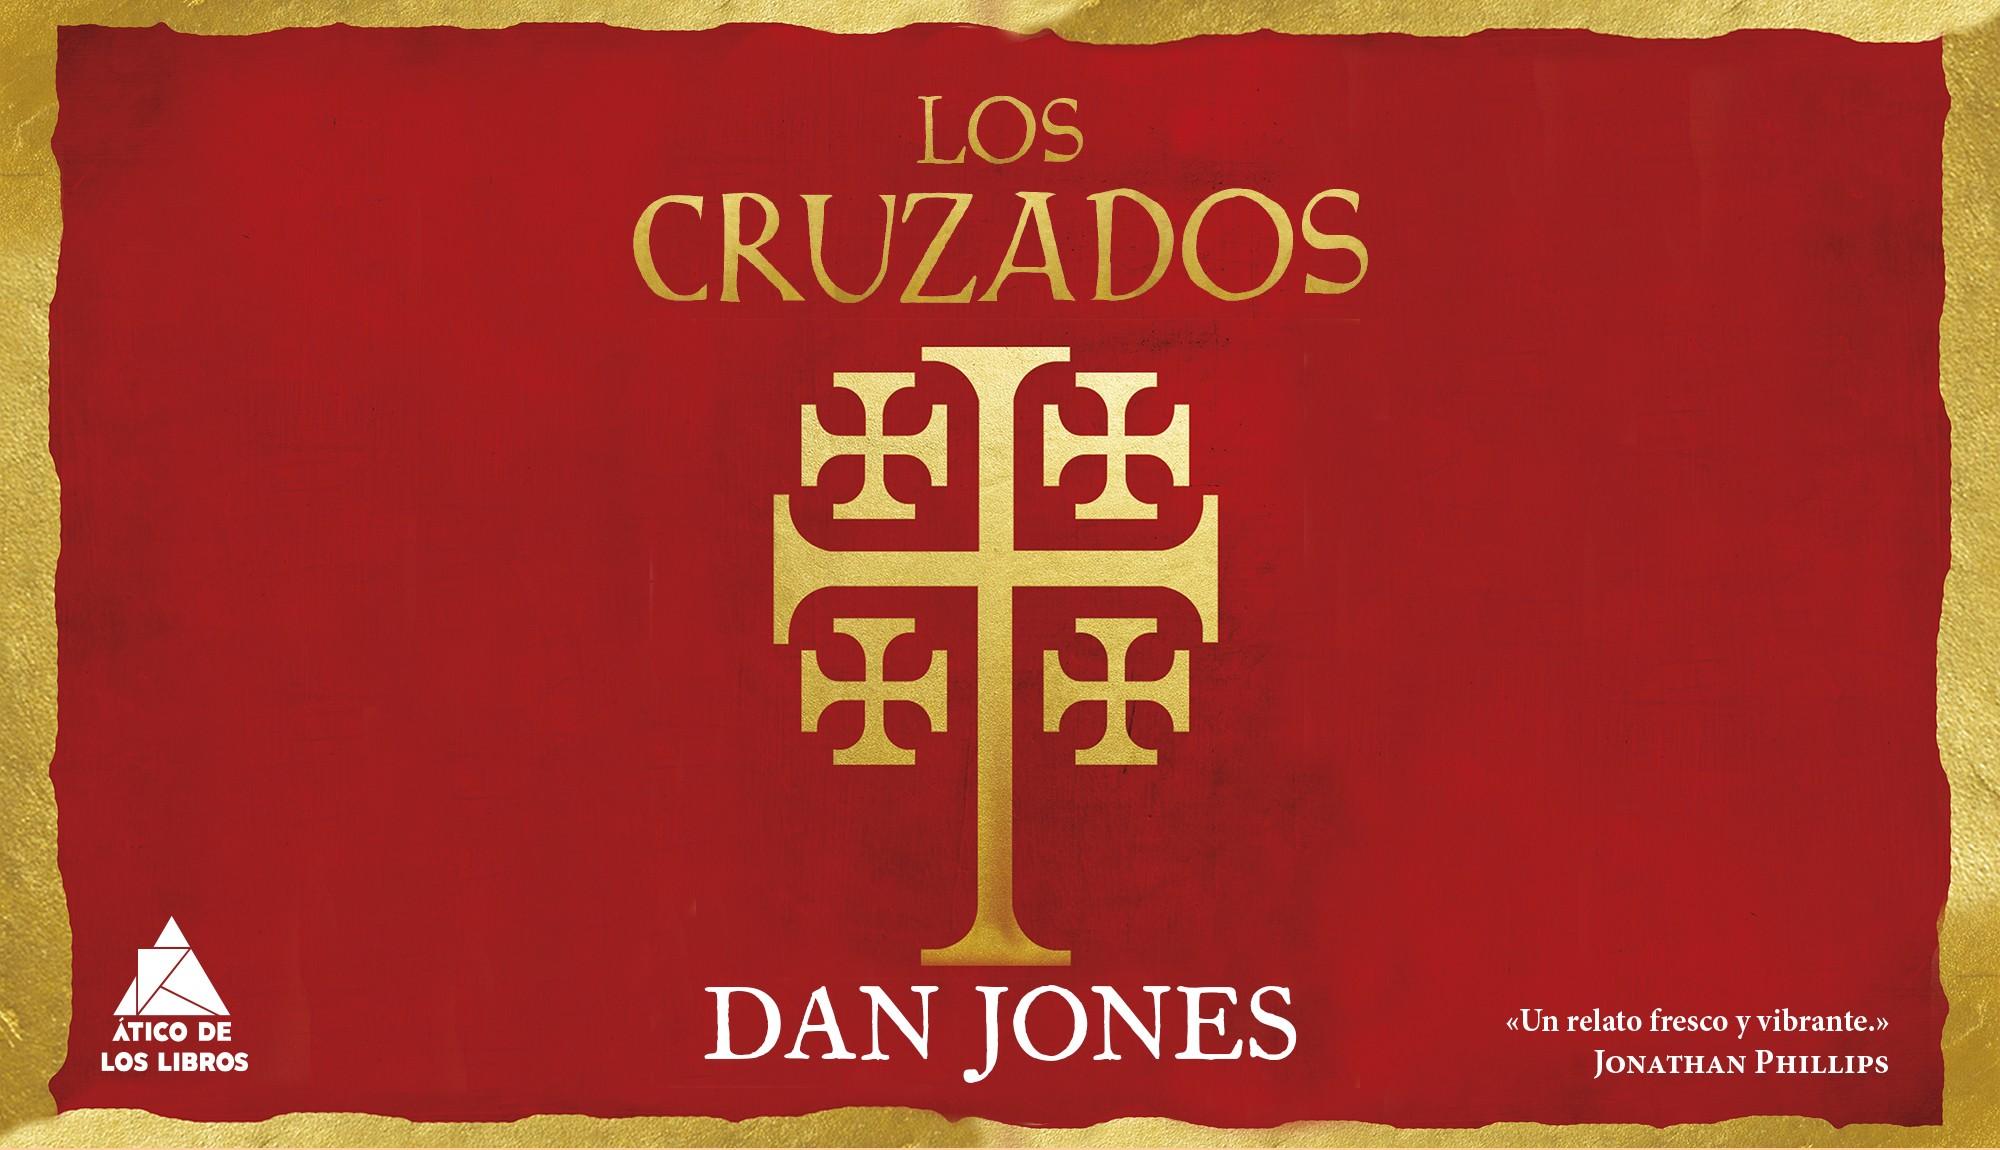 Los cruzados